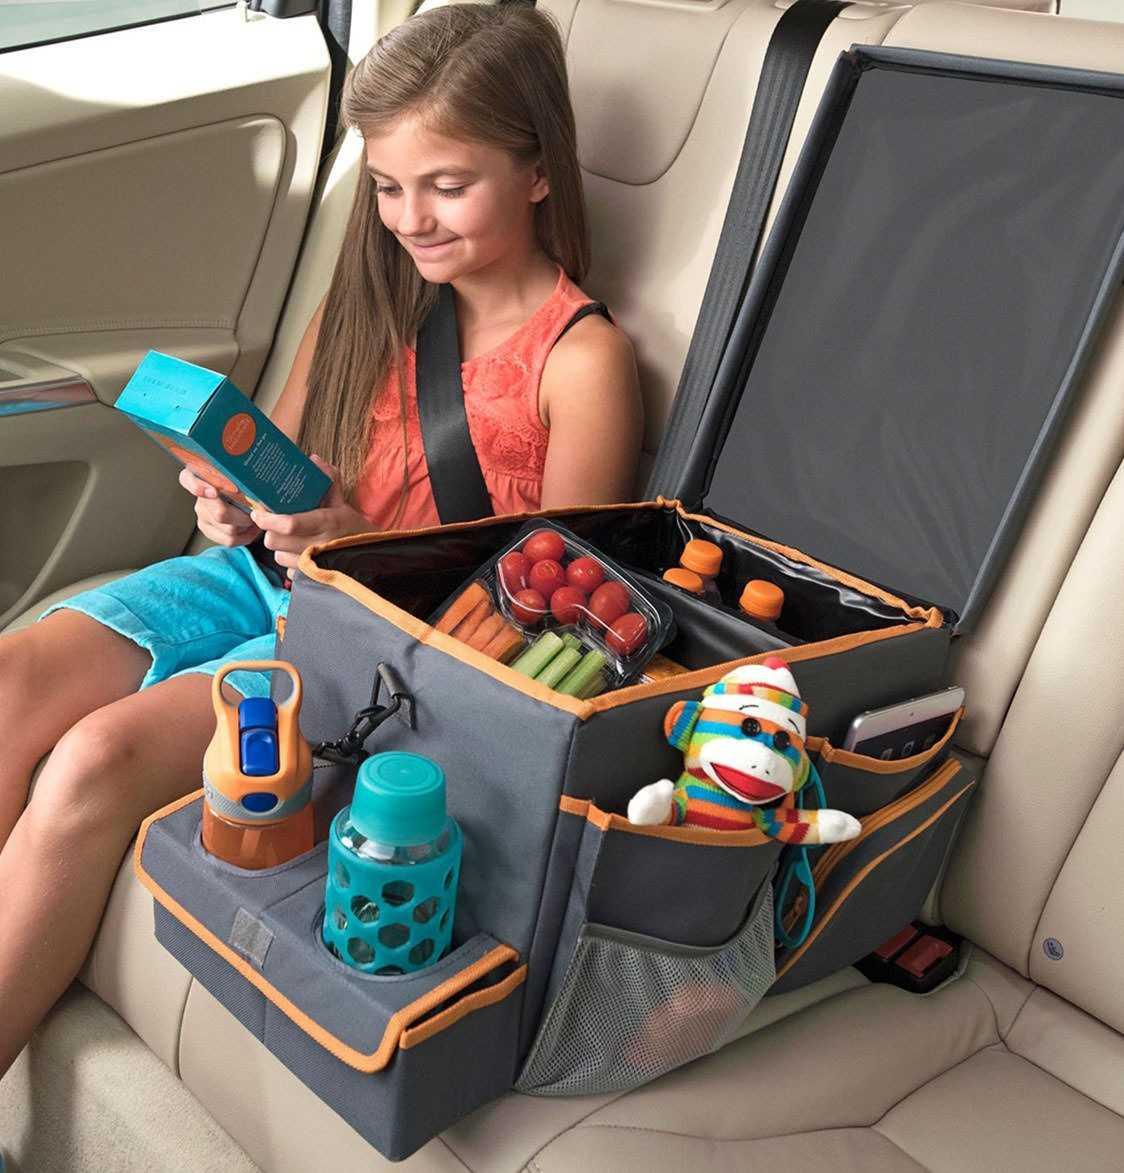 Едем на море с ребёнком. какие вещи взять с собой, а какие можно оставить дома?